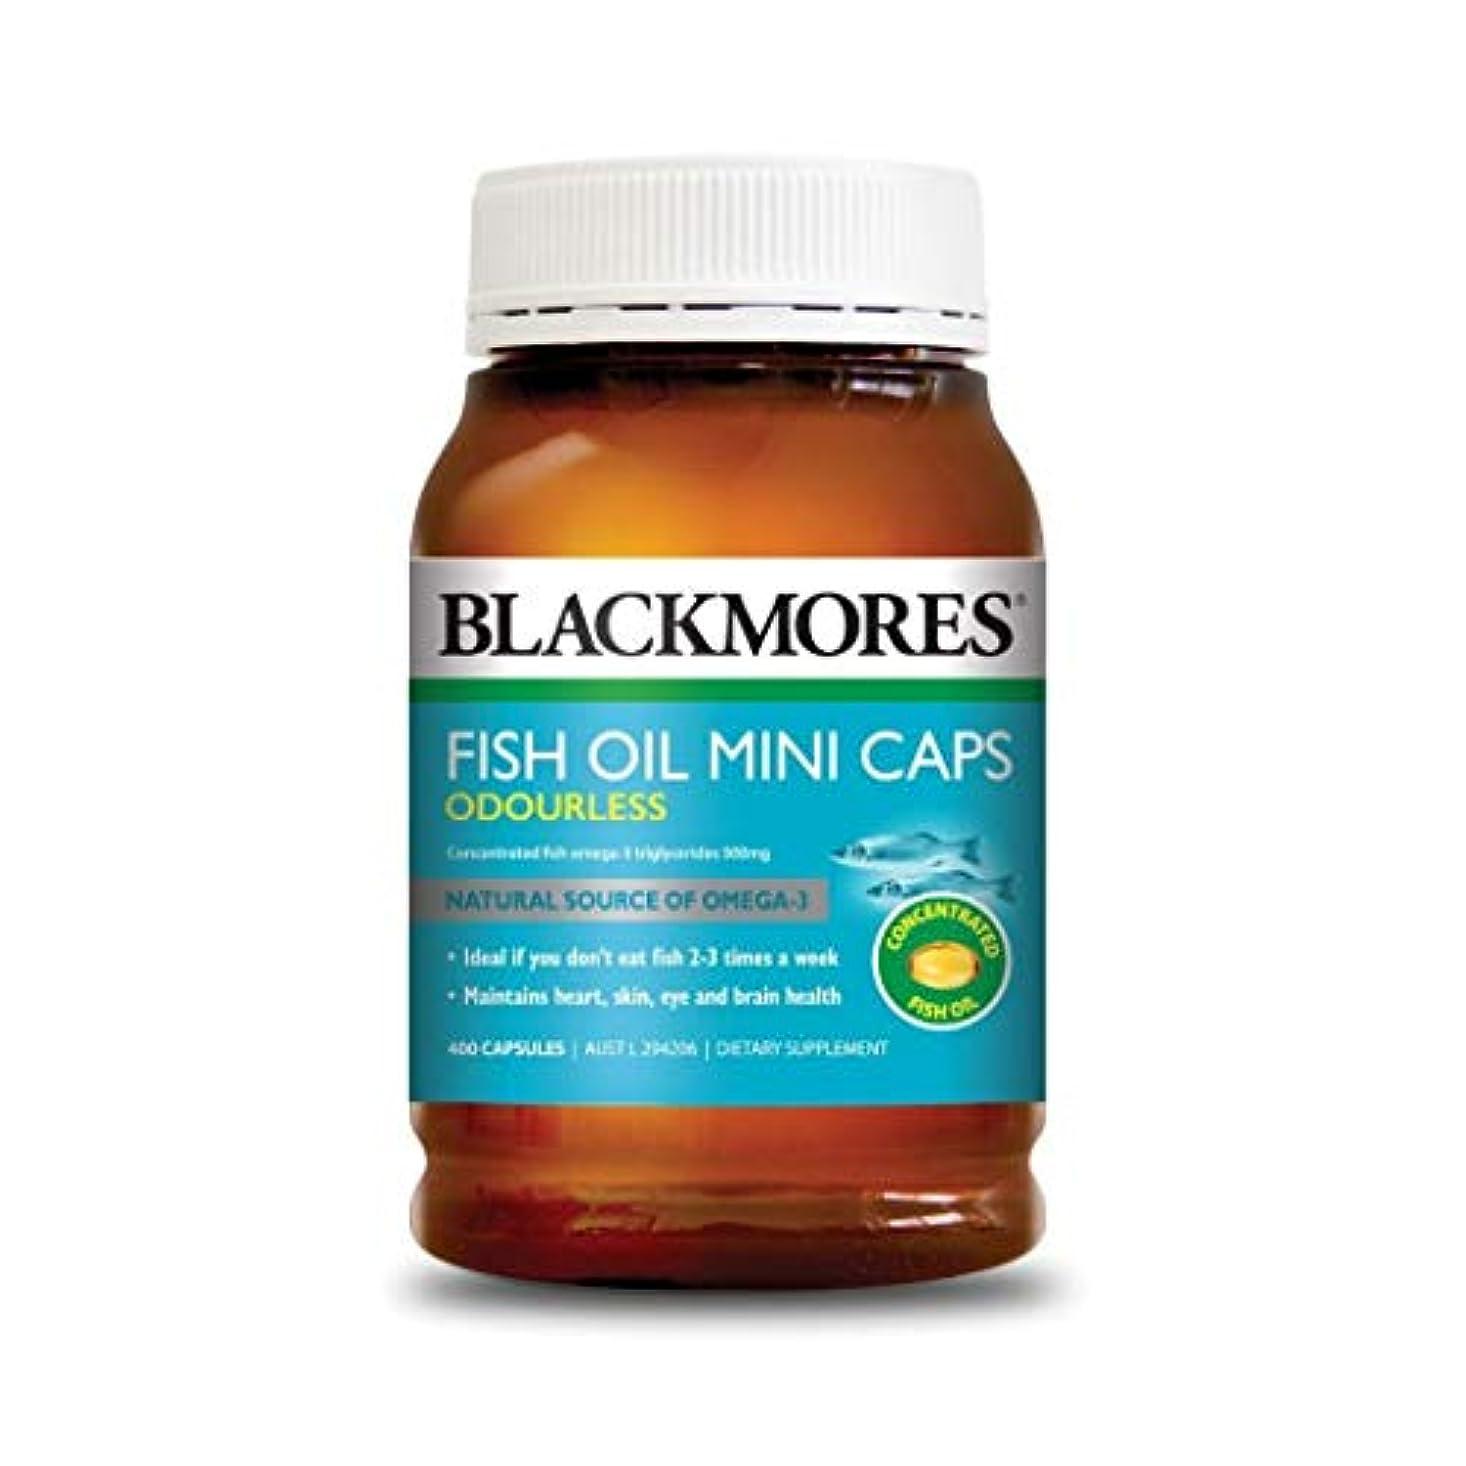 ドローどきどき[BLACKMORES] フィッシュオイル ミニカプセル (FISH OIL MINI CAPS ODOURLESS) 400粒 [海外直送品]